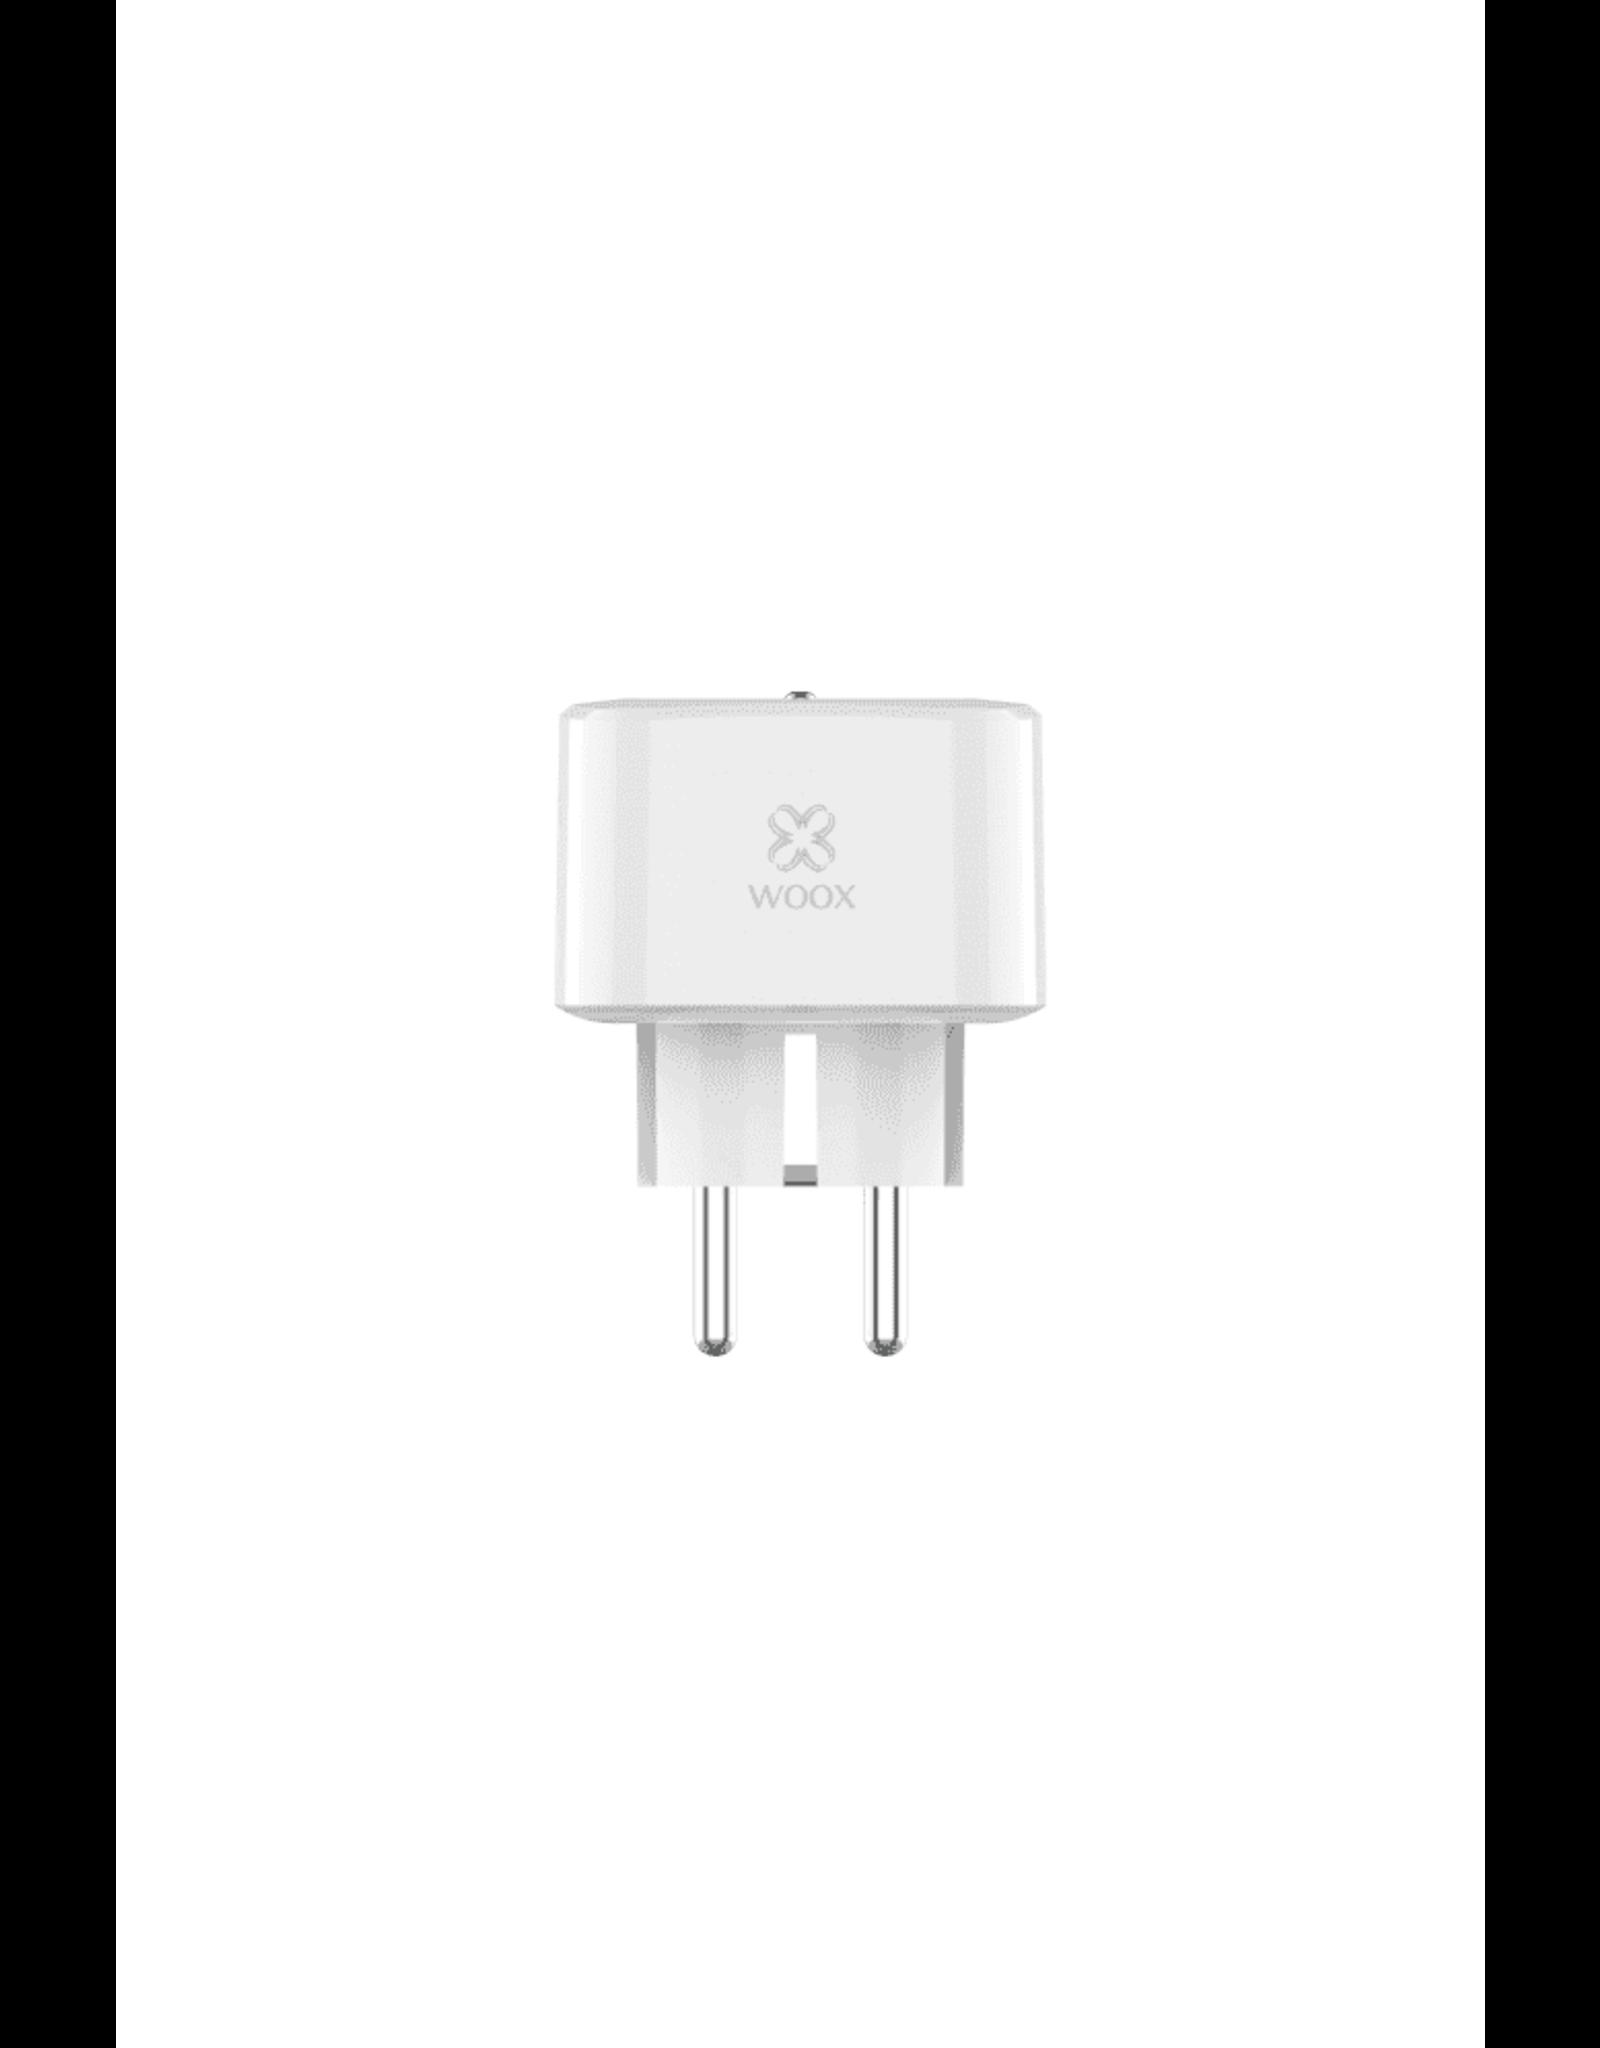 Woox Home Woox 3-pack Smart Plug 16A - FR Penaard | R4152